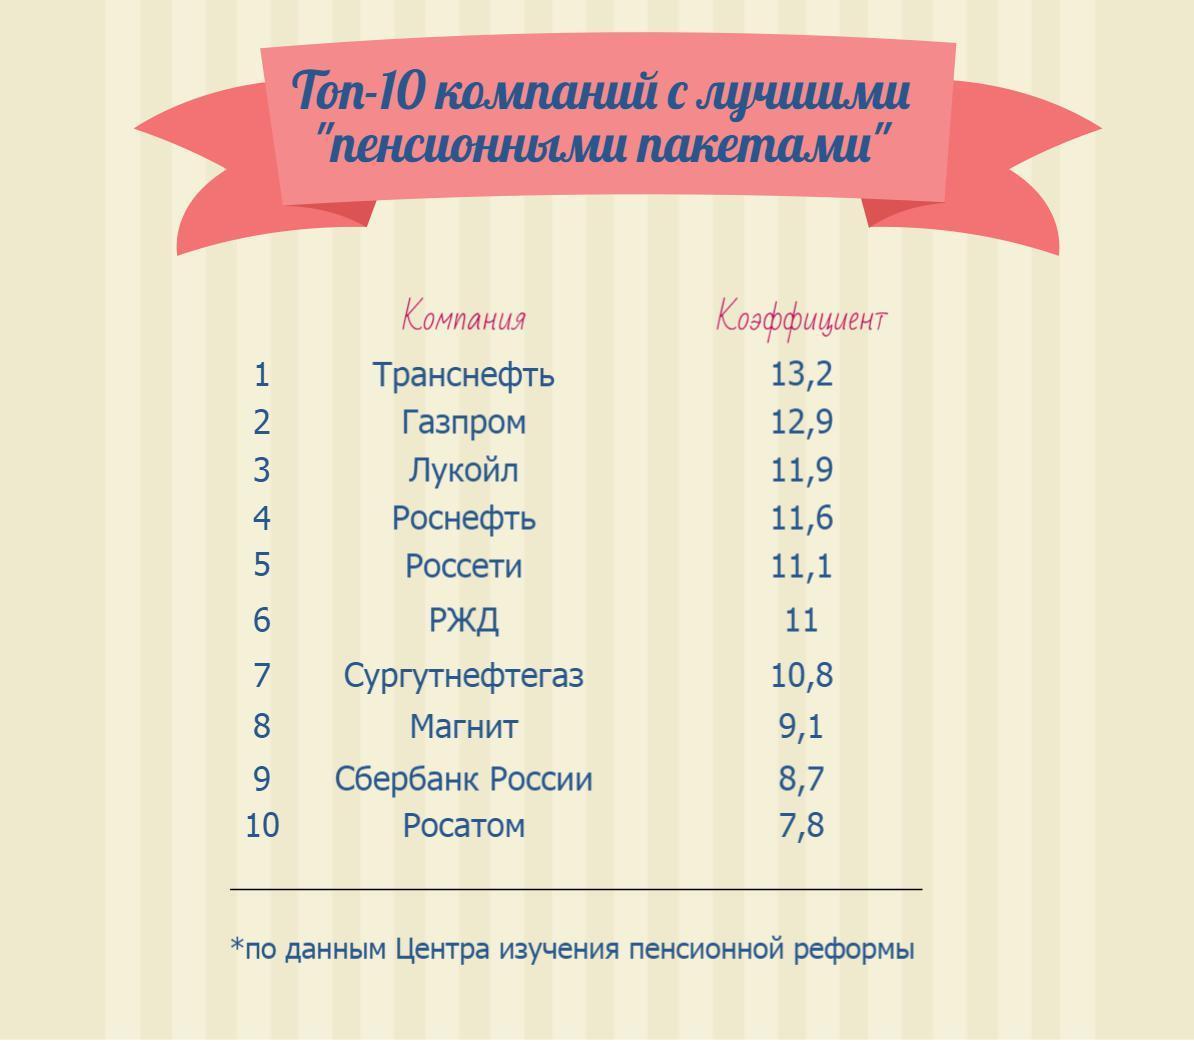 Составлен рейтинг компаний с лучшими пенсионными льготами